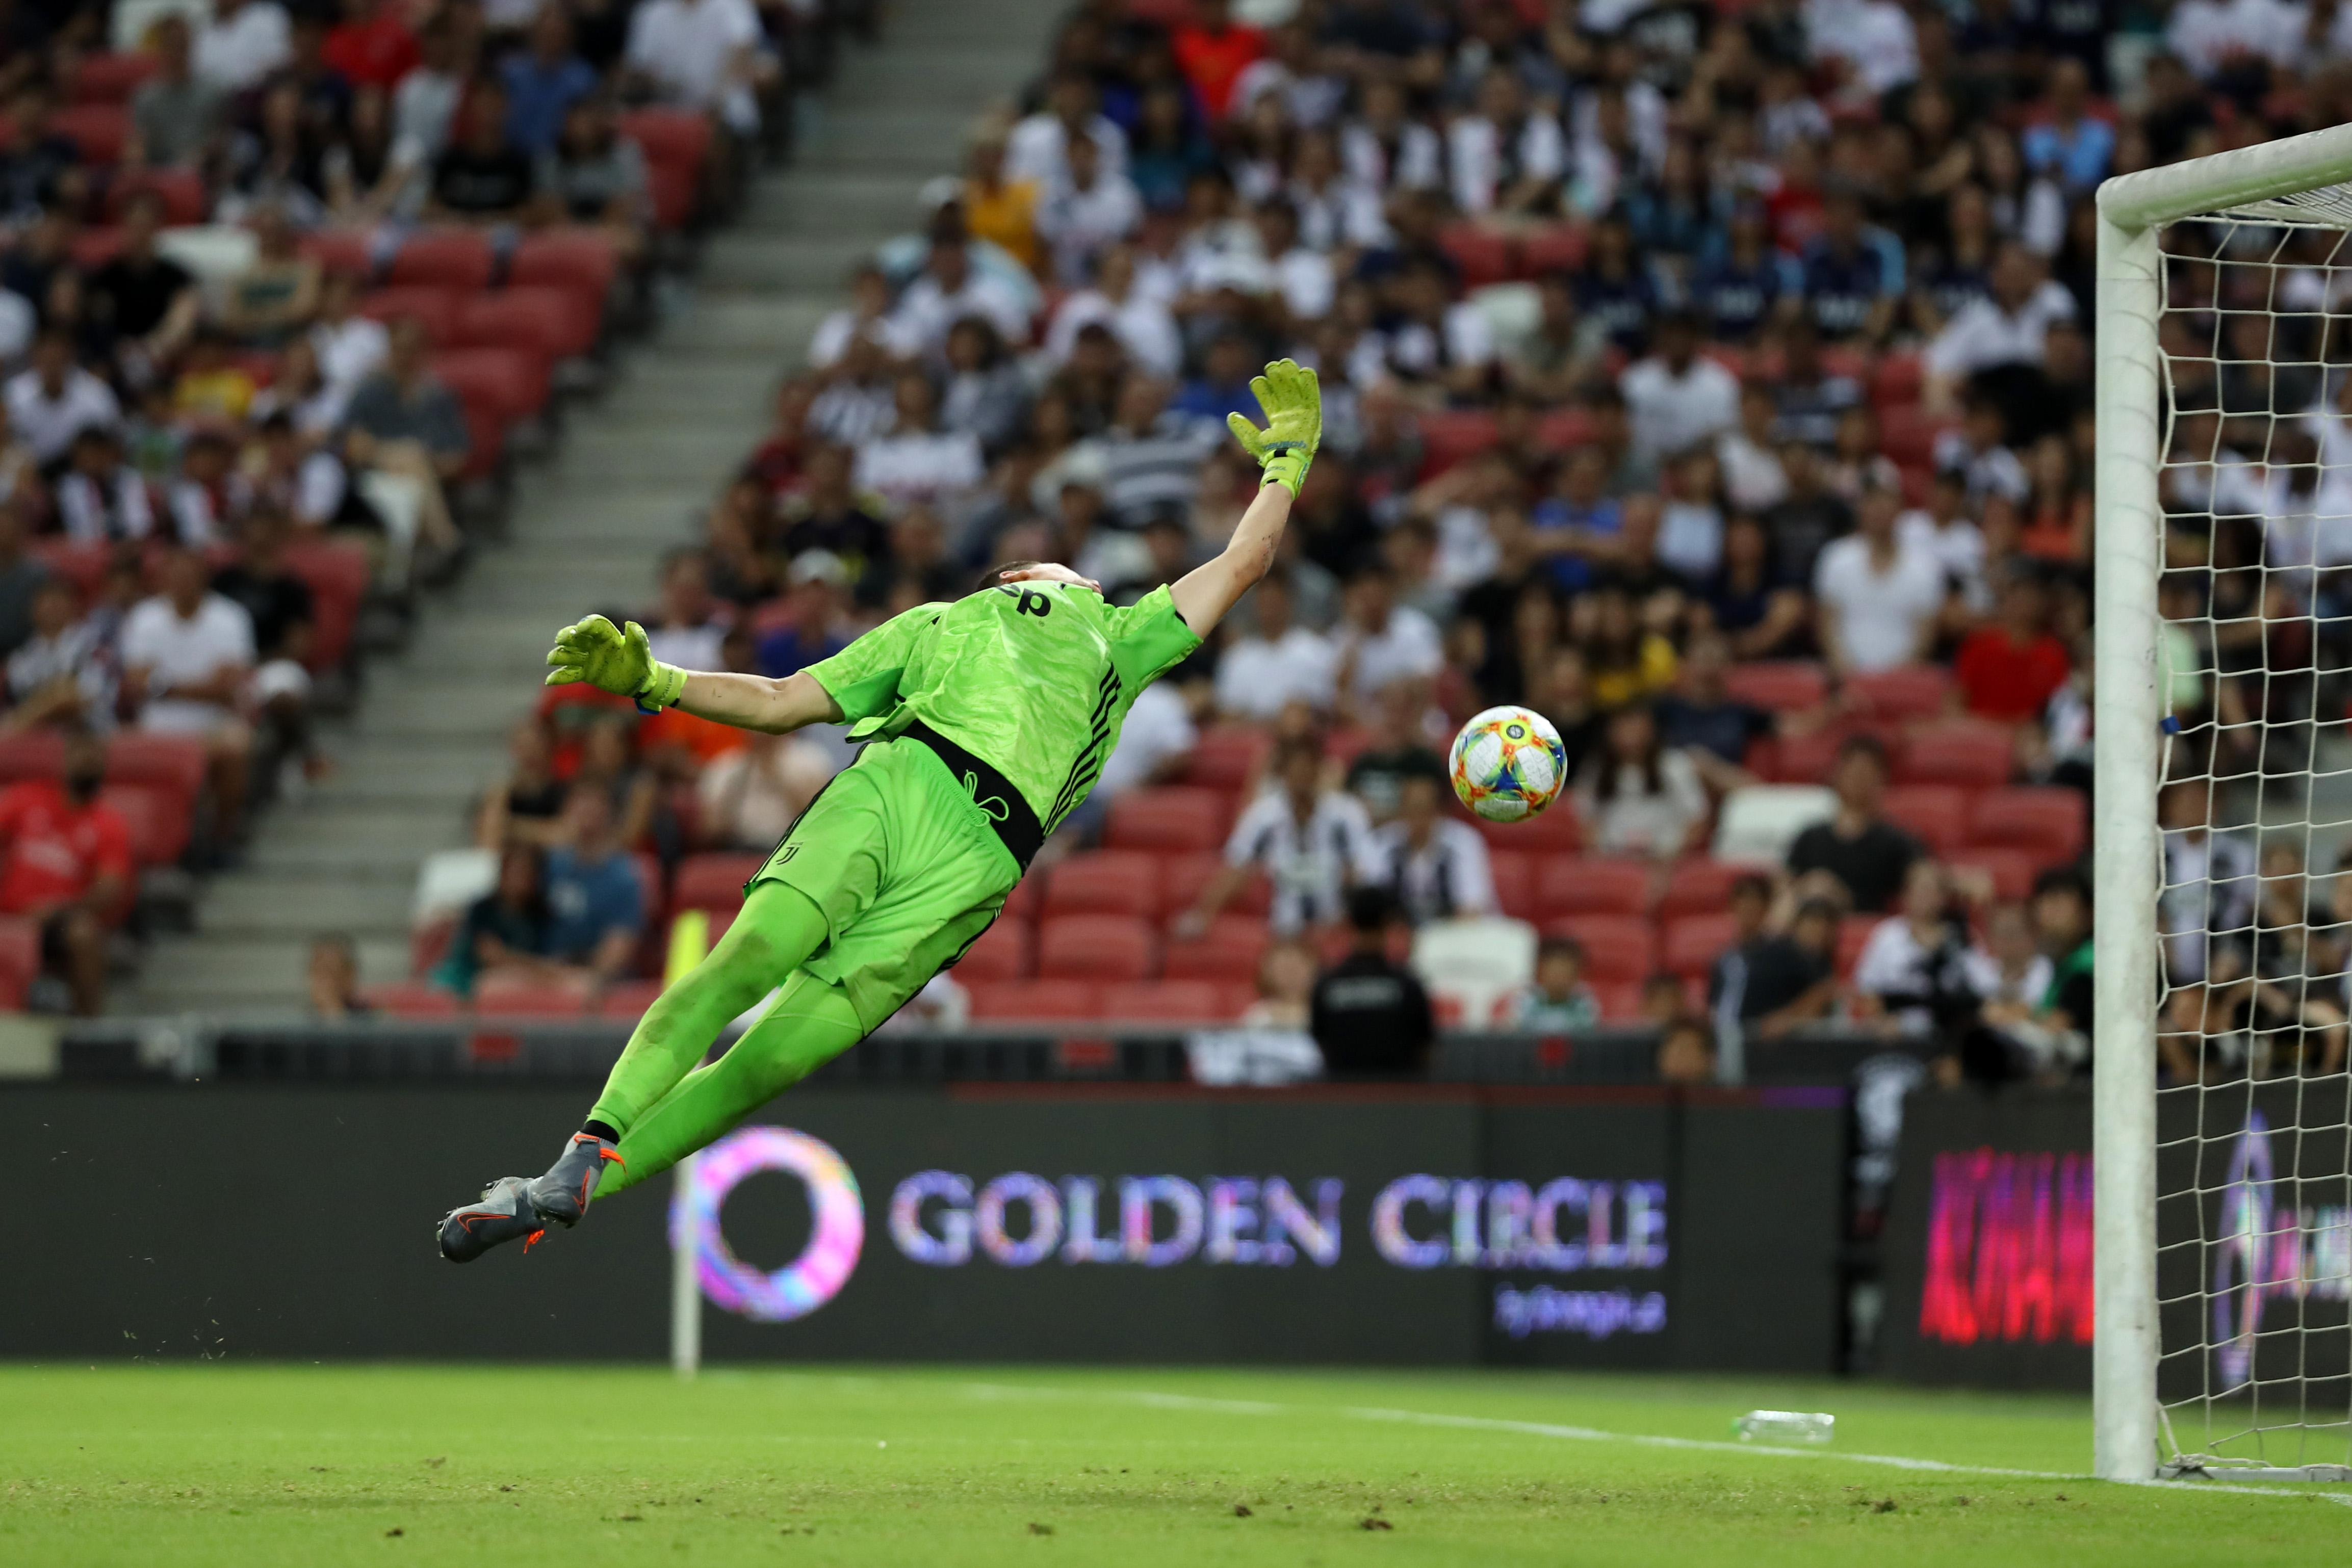 Juventus keeper Wojciech Szczesny beaten by Harry Kane's long-range strike. (Photo by Tottenham Hotspur FC/Tottenham Hotspur FC via Getty Images)